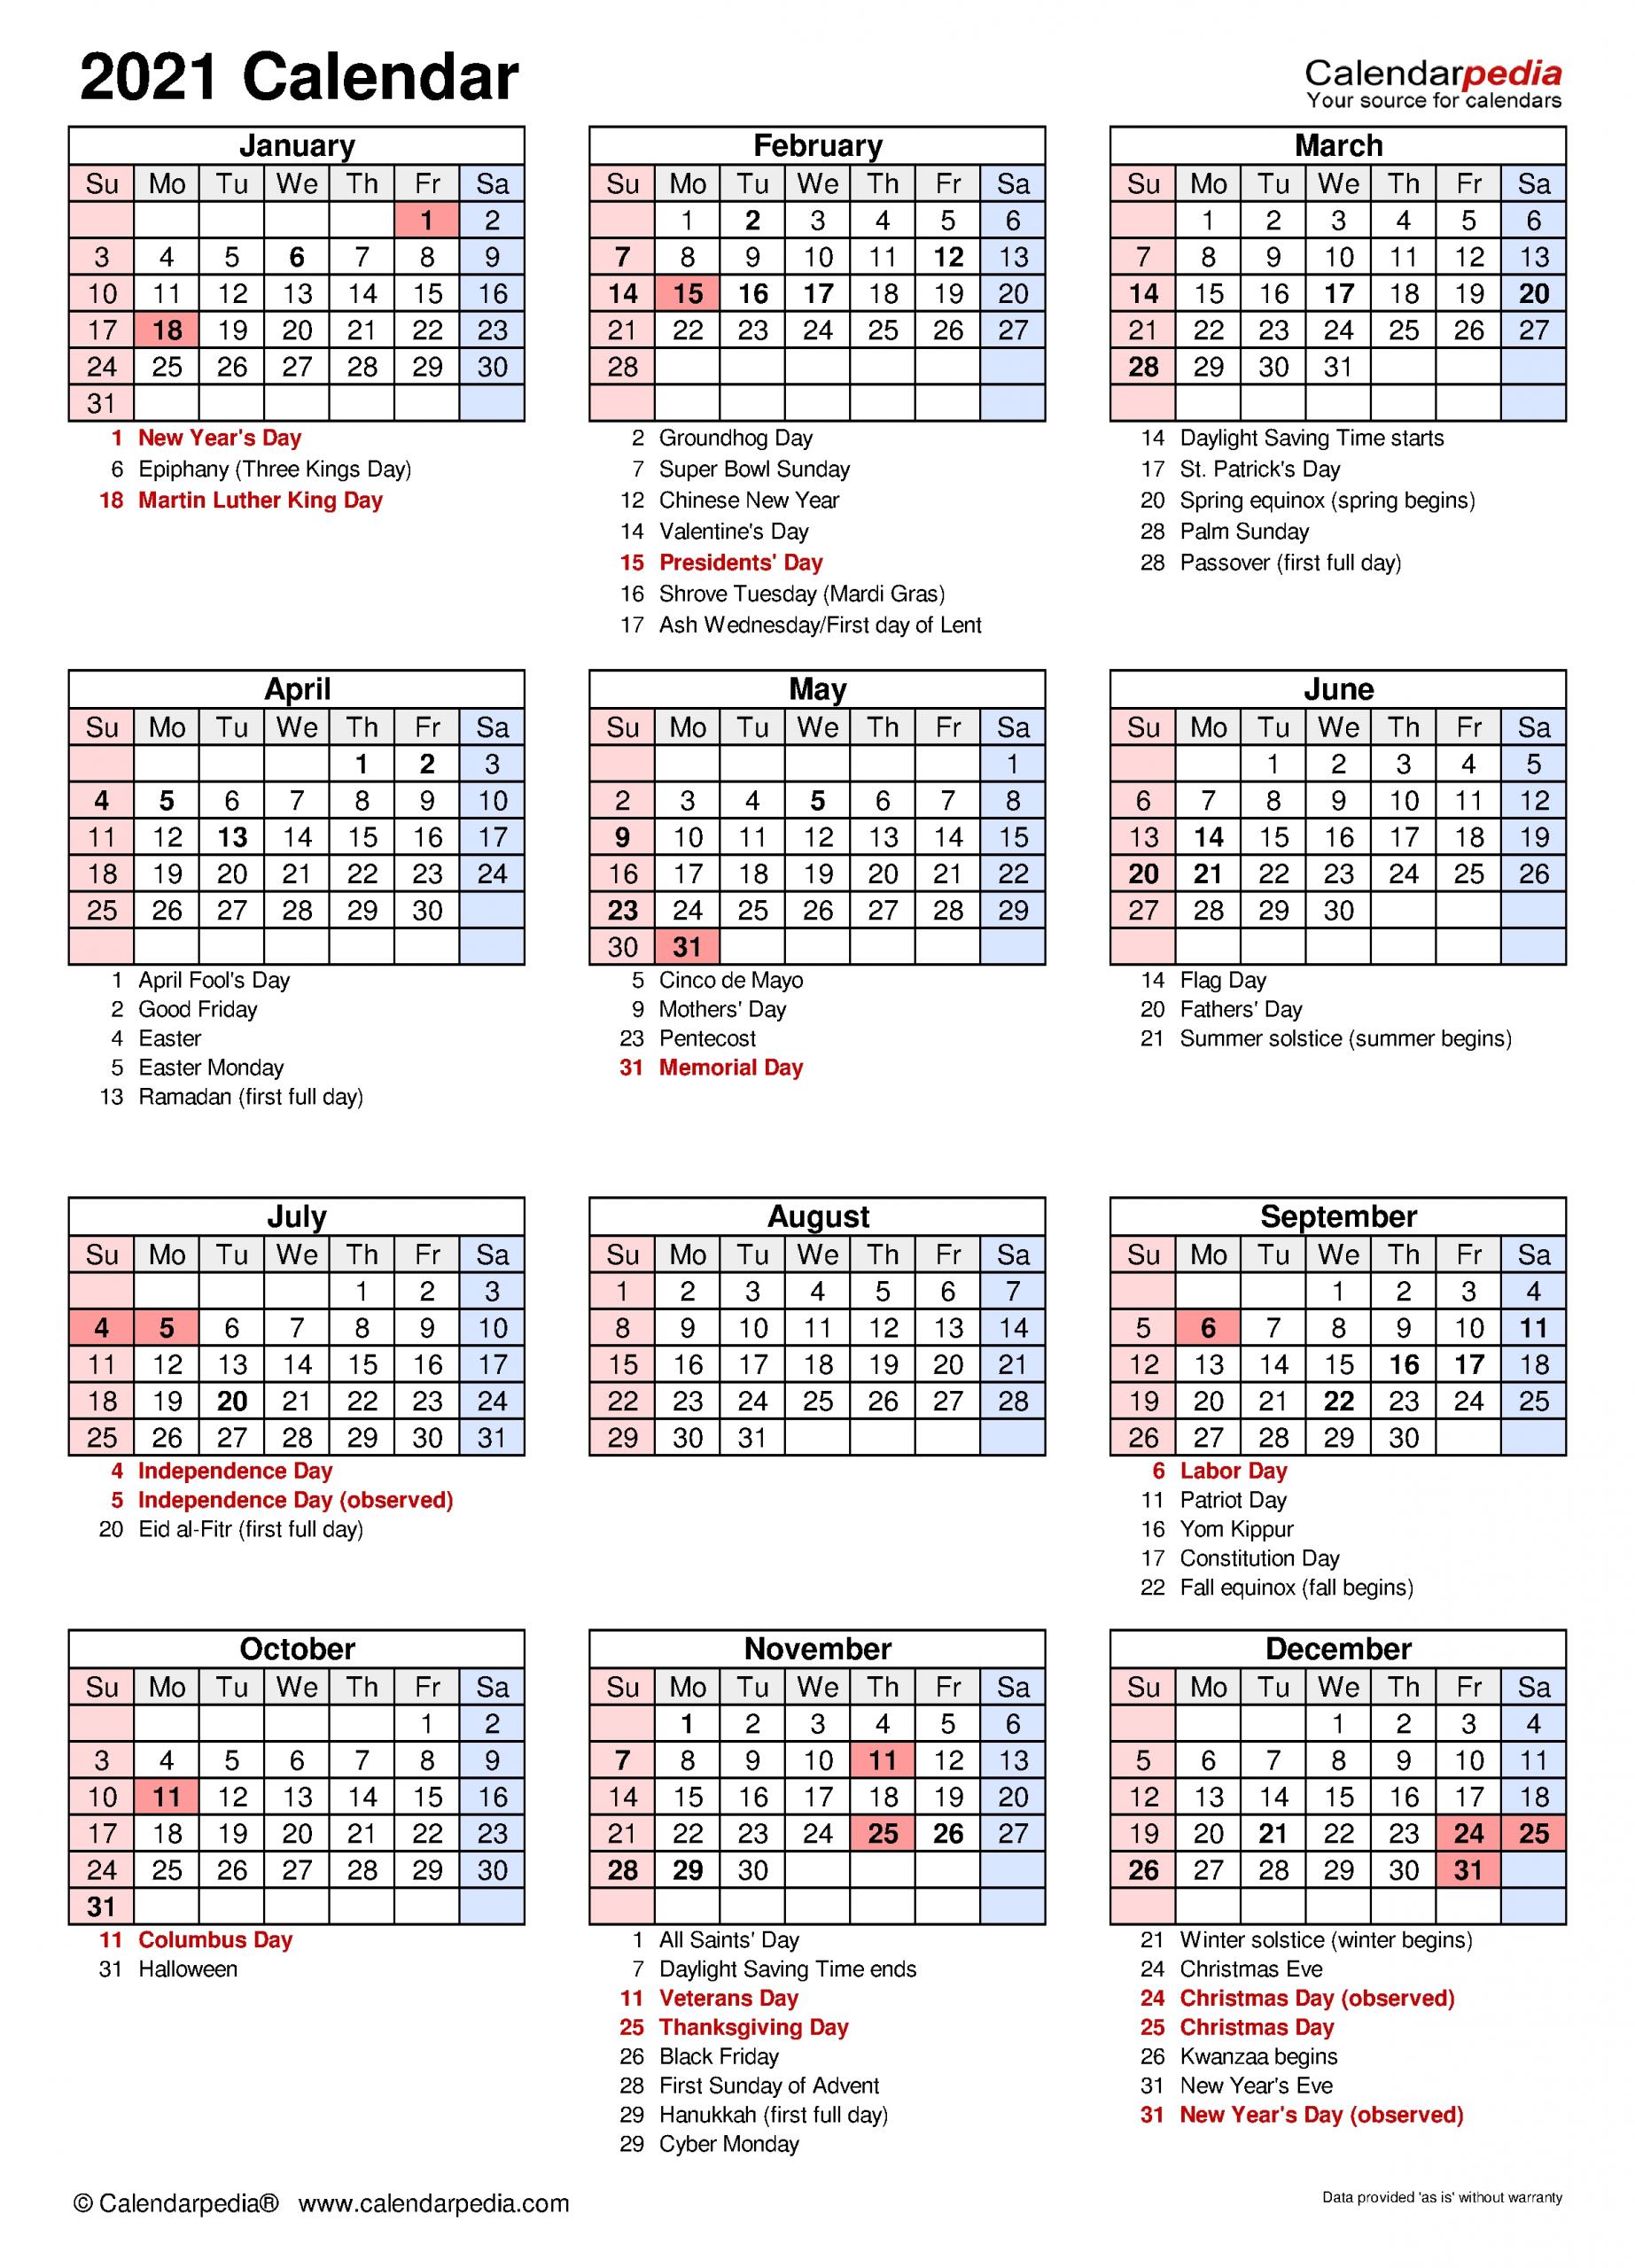 2021 Calendar - Free Printable Excel Templates - Calendarpedia  Free Lenten Calendar 2021